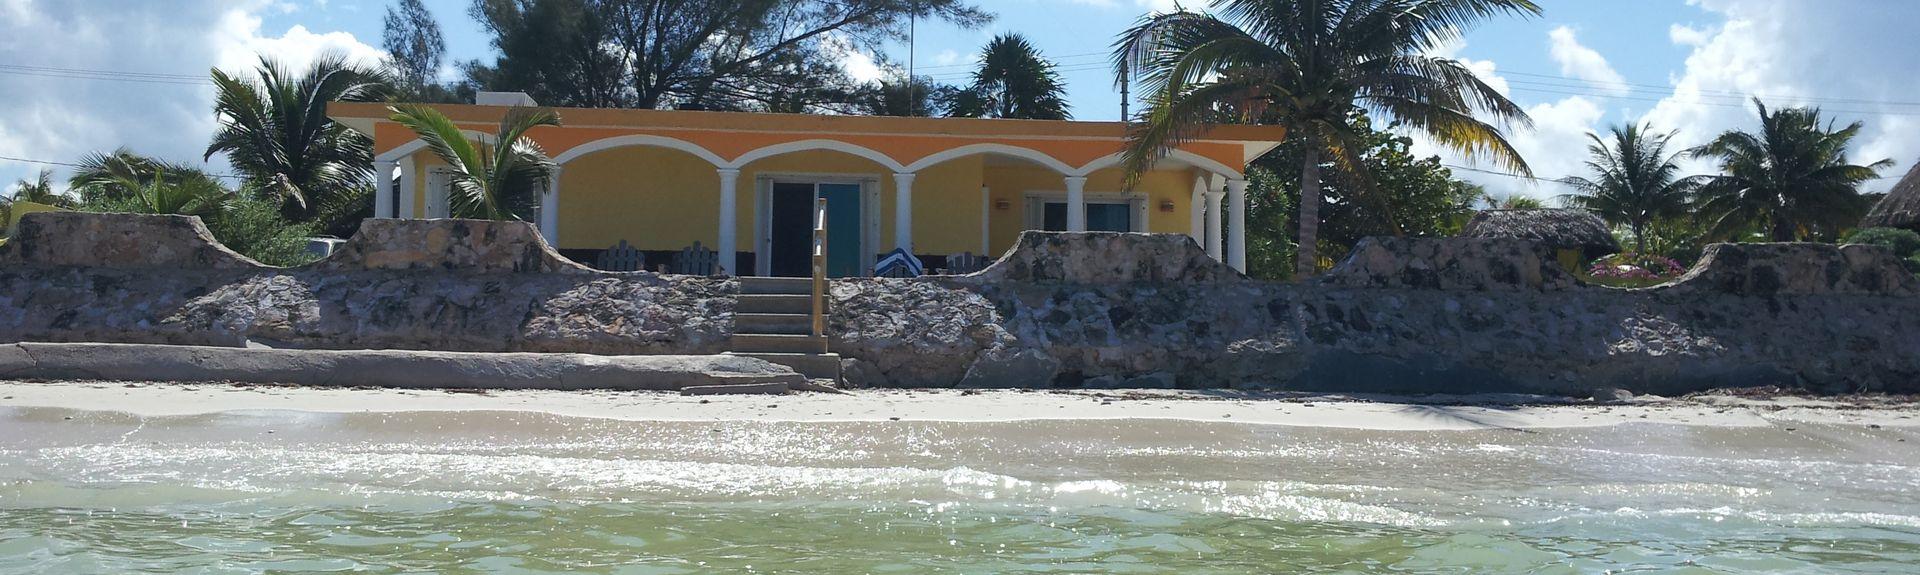 Dzidzantun, Yucatán, Mexiko